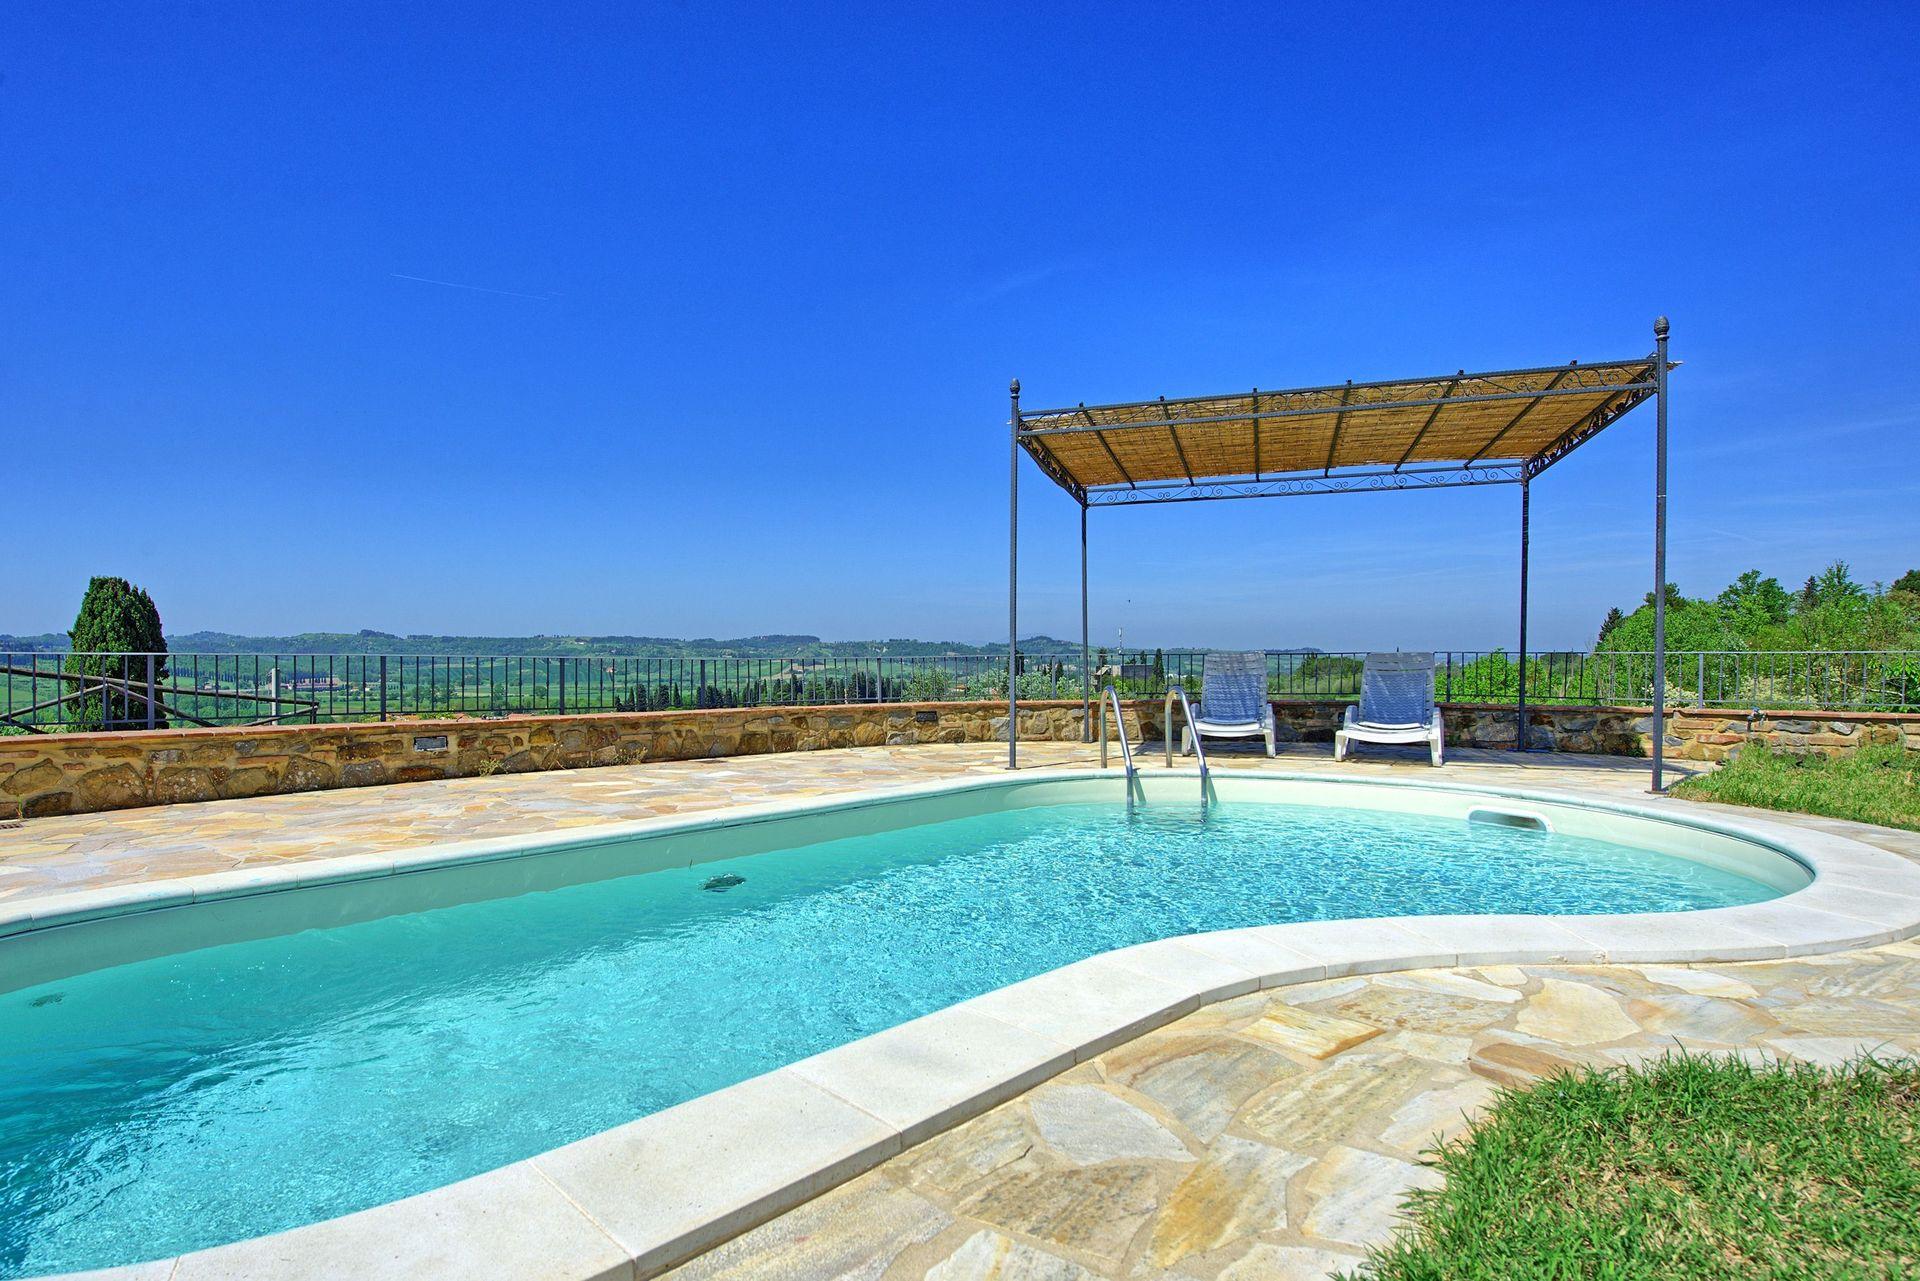 Zwembad Op Balkon : Vakantiehuis in rojales met balkon en solarium bij zwembad